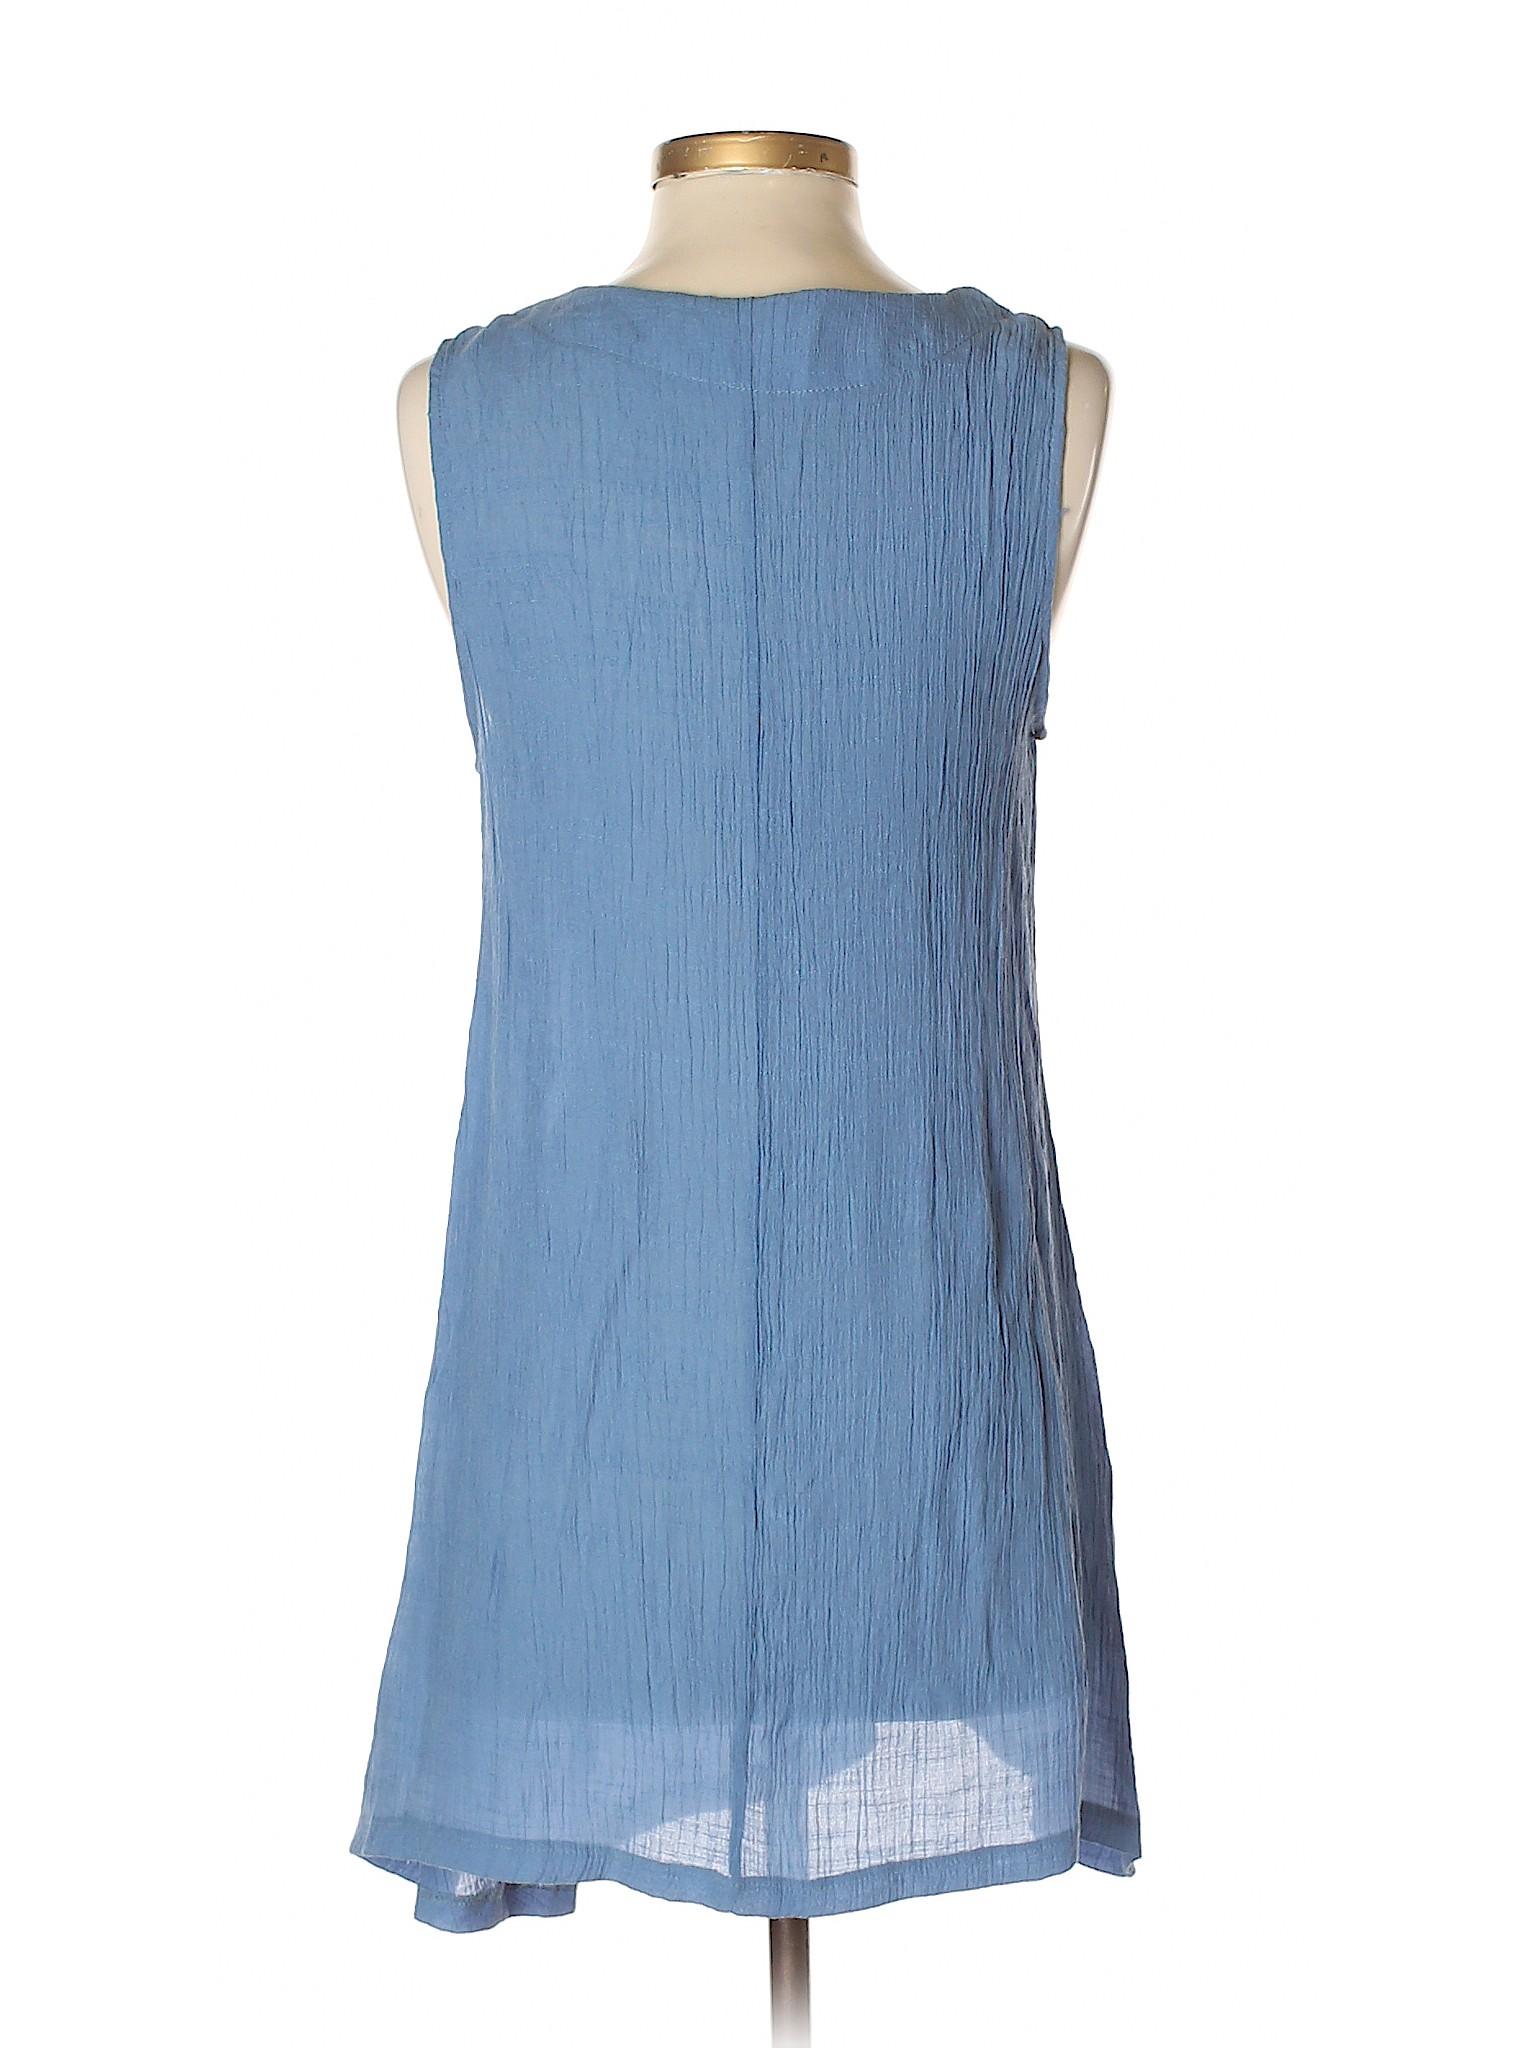 Coco Dress Casual Boutique Winter Carmen f5qqwR7x